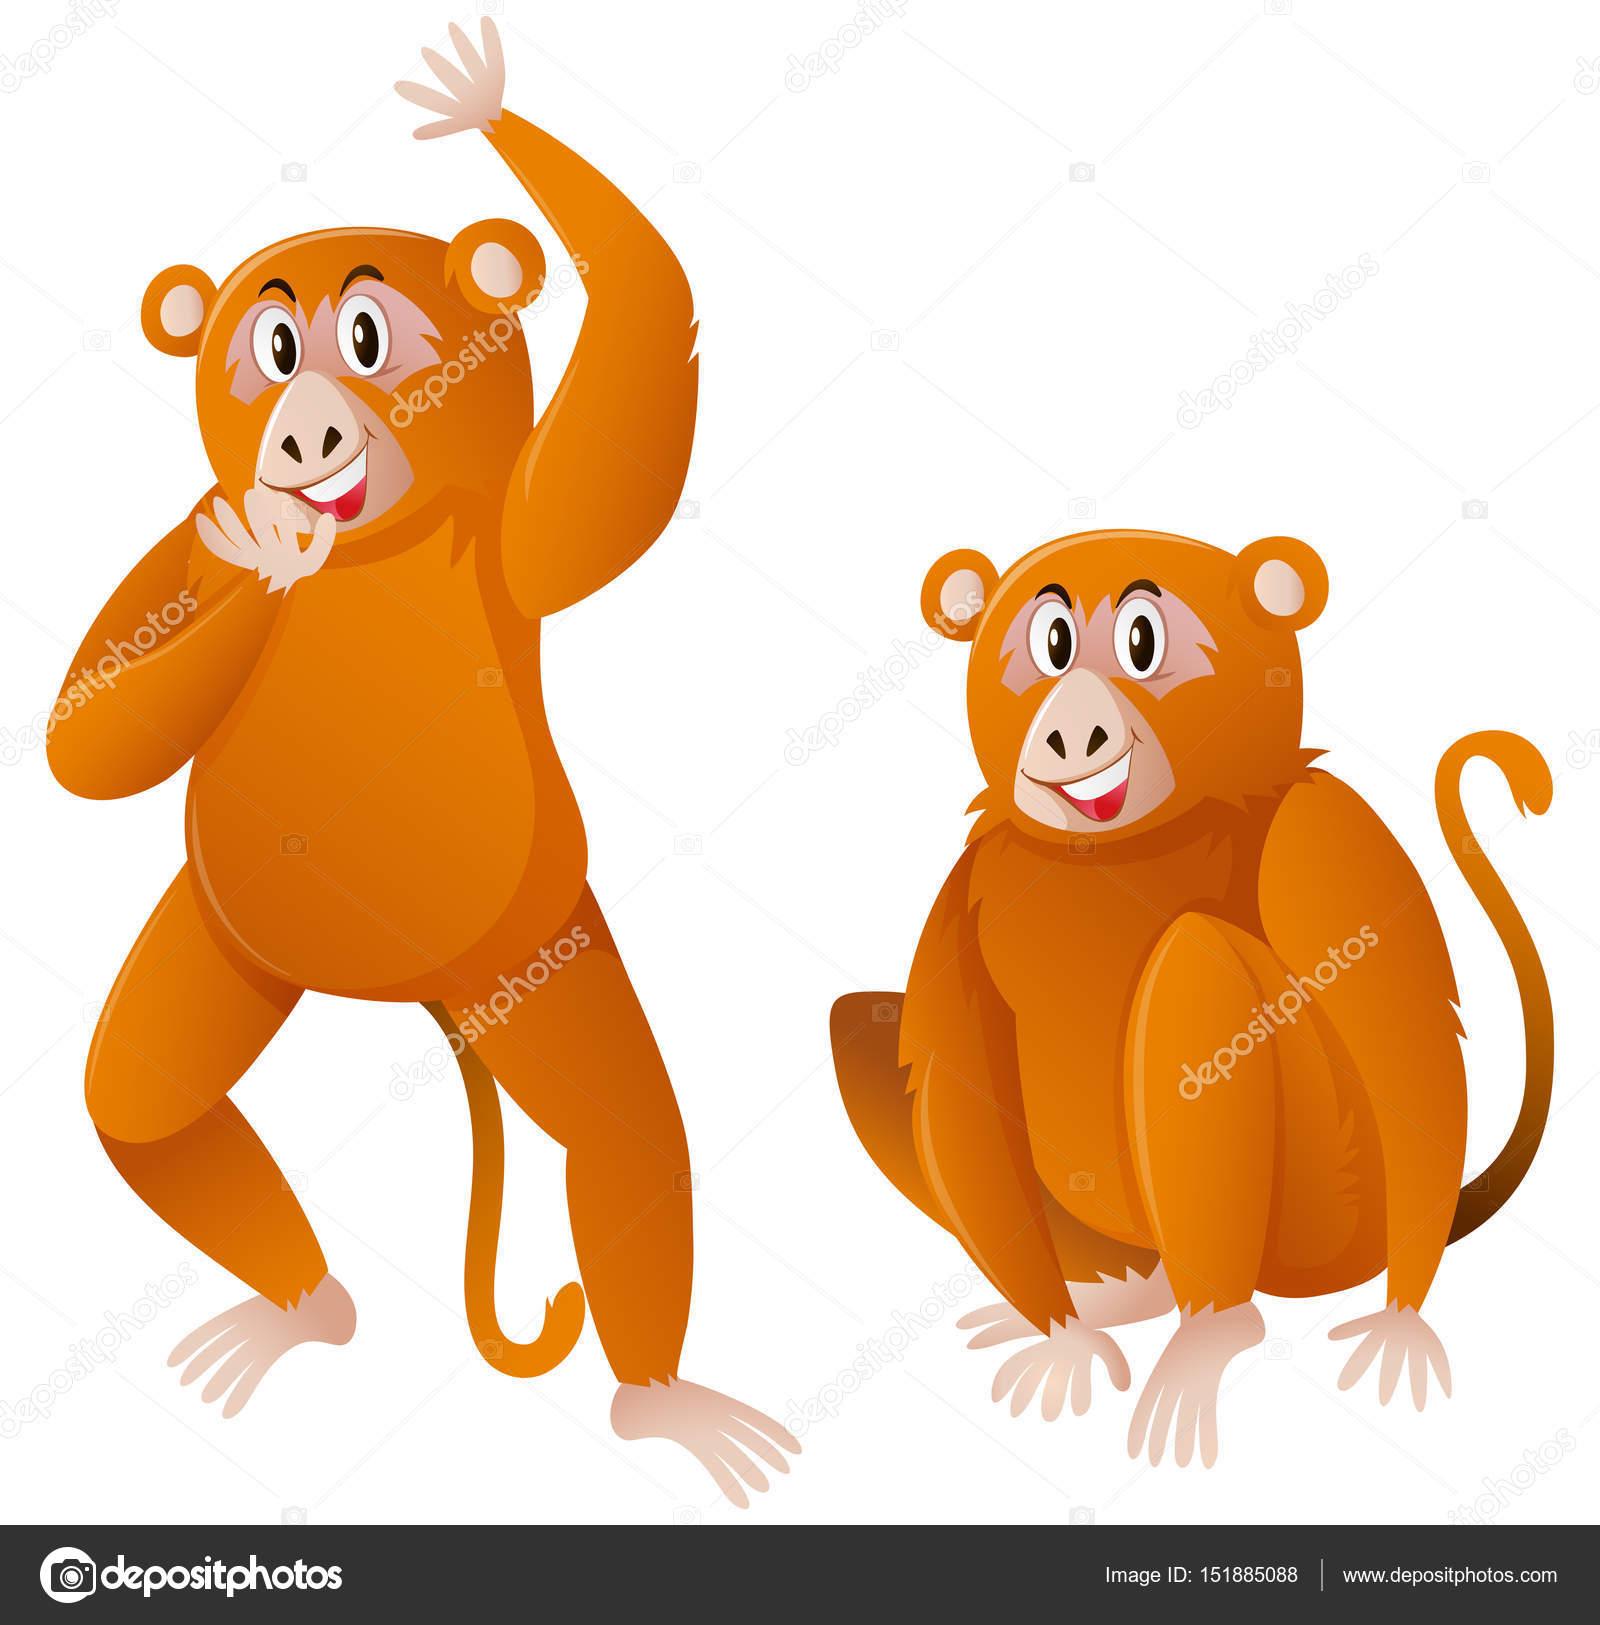 Imágenes Changos Bebes Animados Dos Monos Con Piel Marrón